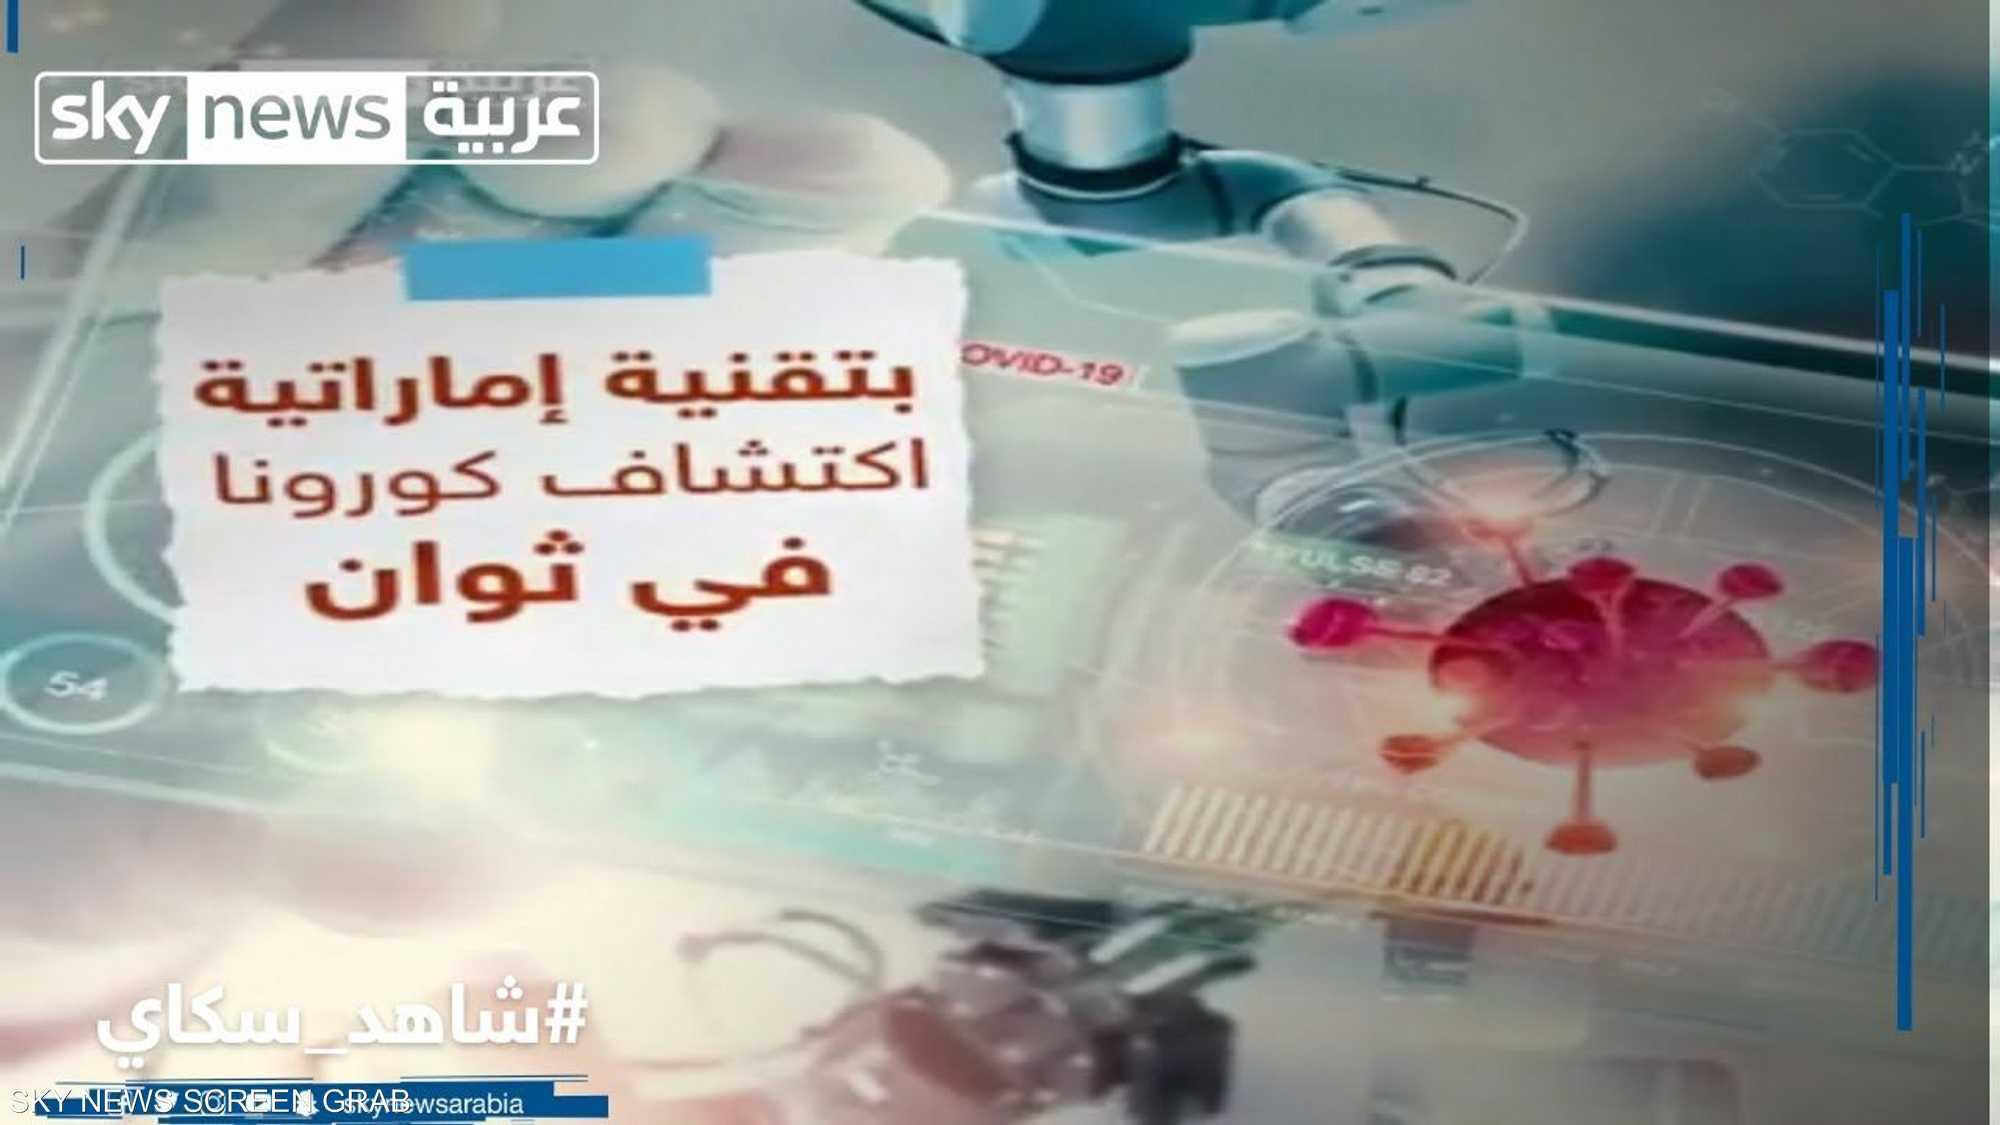 الإمارات تطور تقنية تتيح اكتشاف كورونا في ثوان